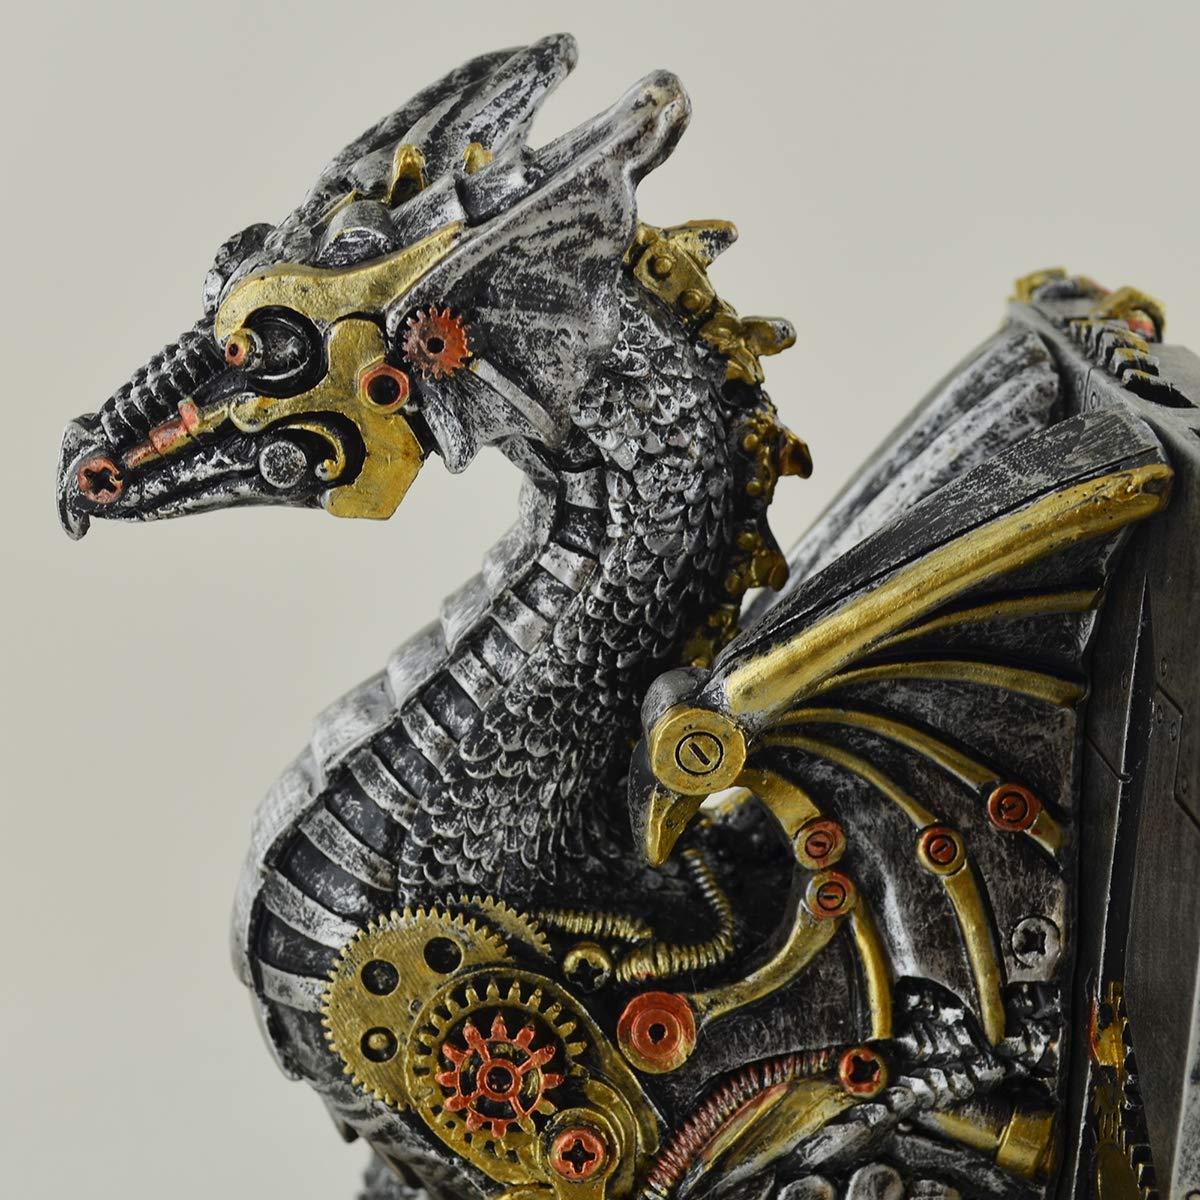 com Meccanico Dragon Cog fermalibri incredibilmente Dettagliato Altare Ornamento per Fan del Fantasy /& Steampunk prezents